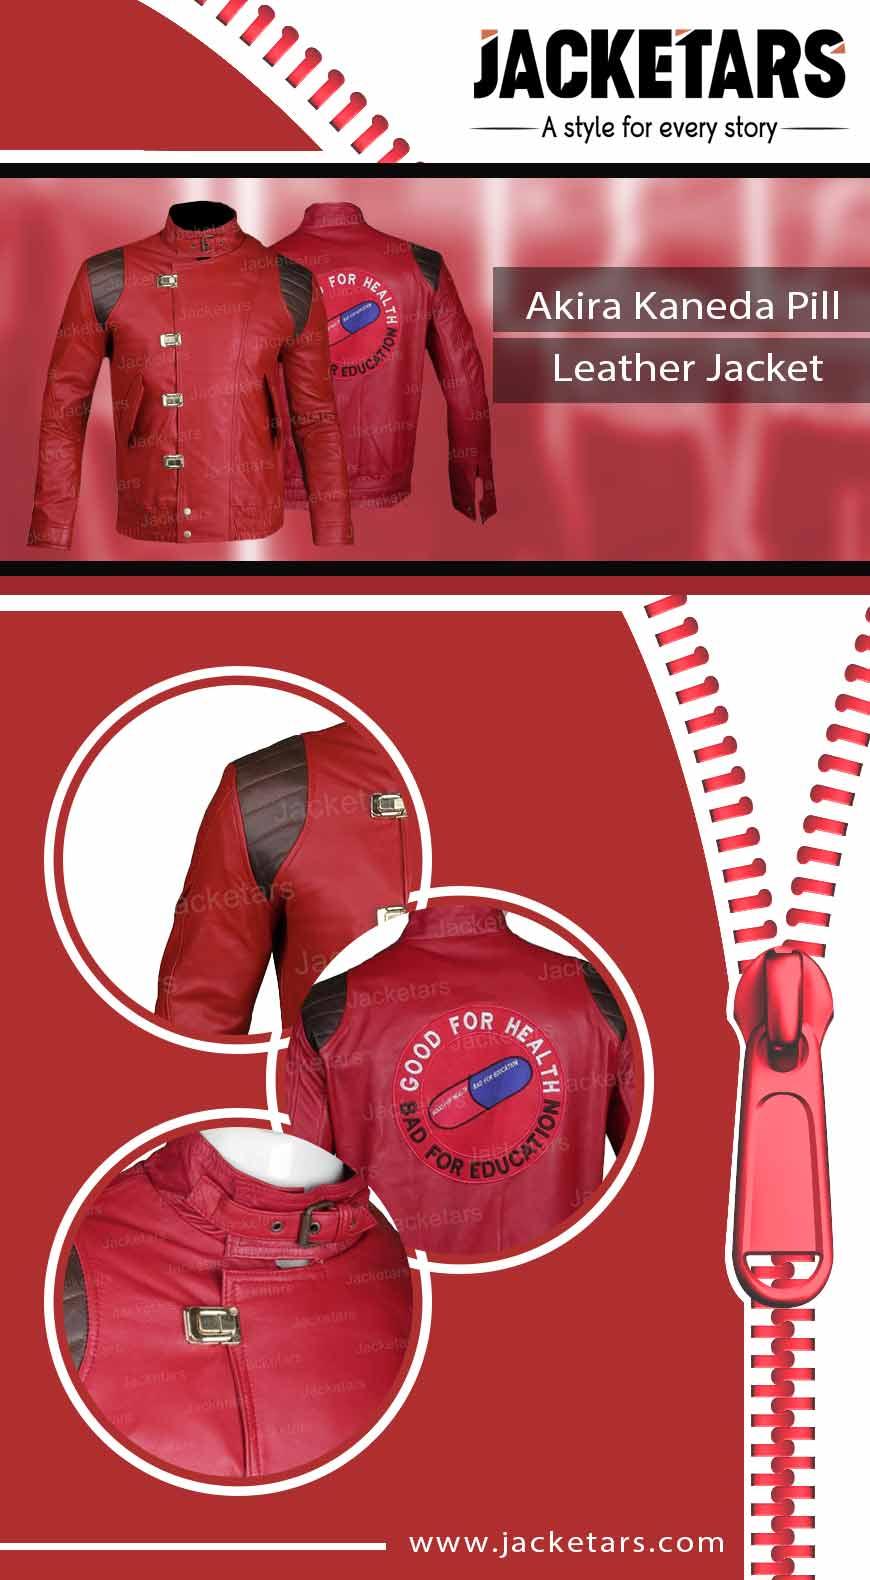 Akira Kaneda Pill Leather Jacket info